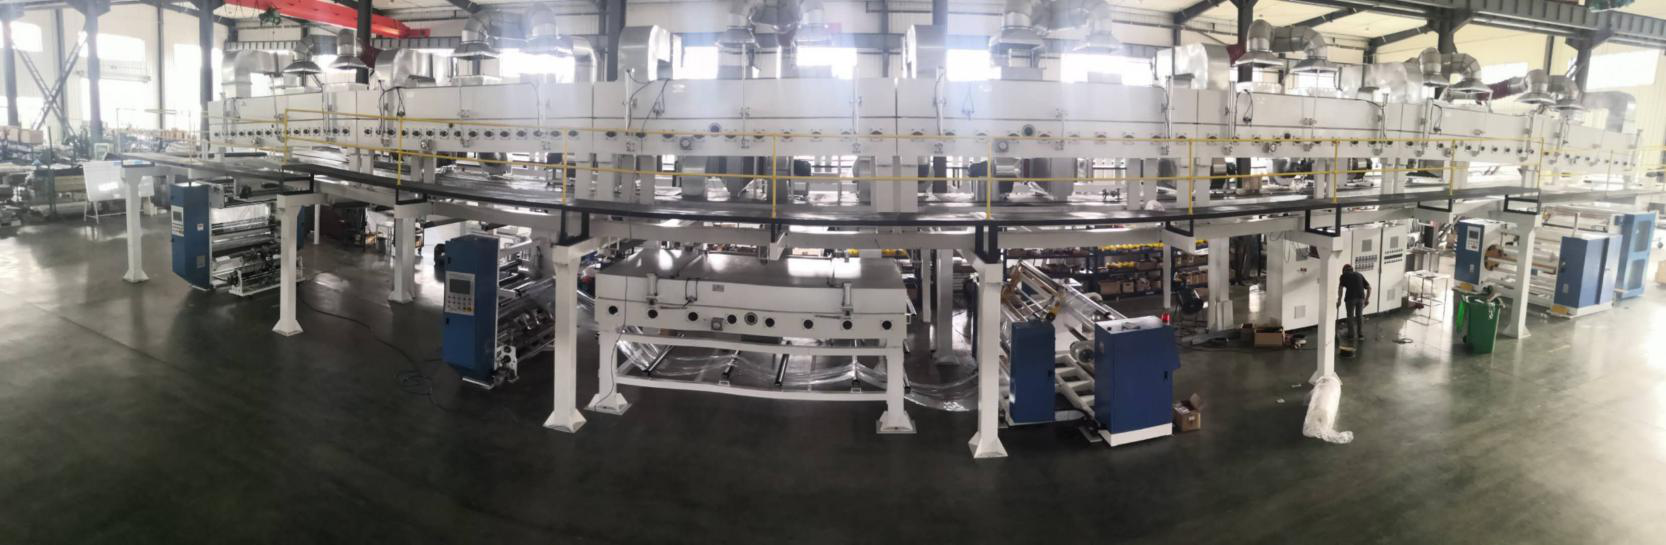 涂布机 PET膜涂布机 涂布机厂家